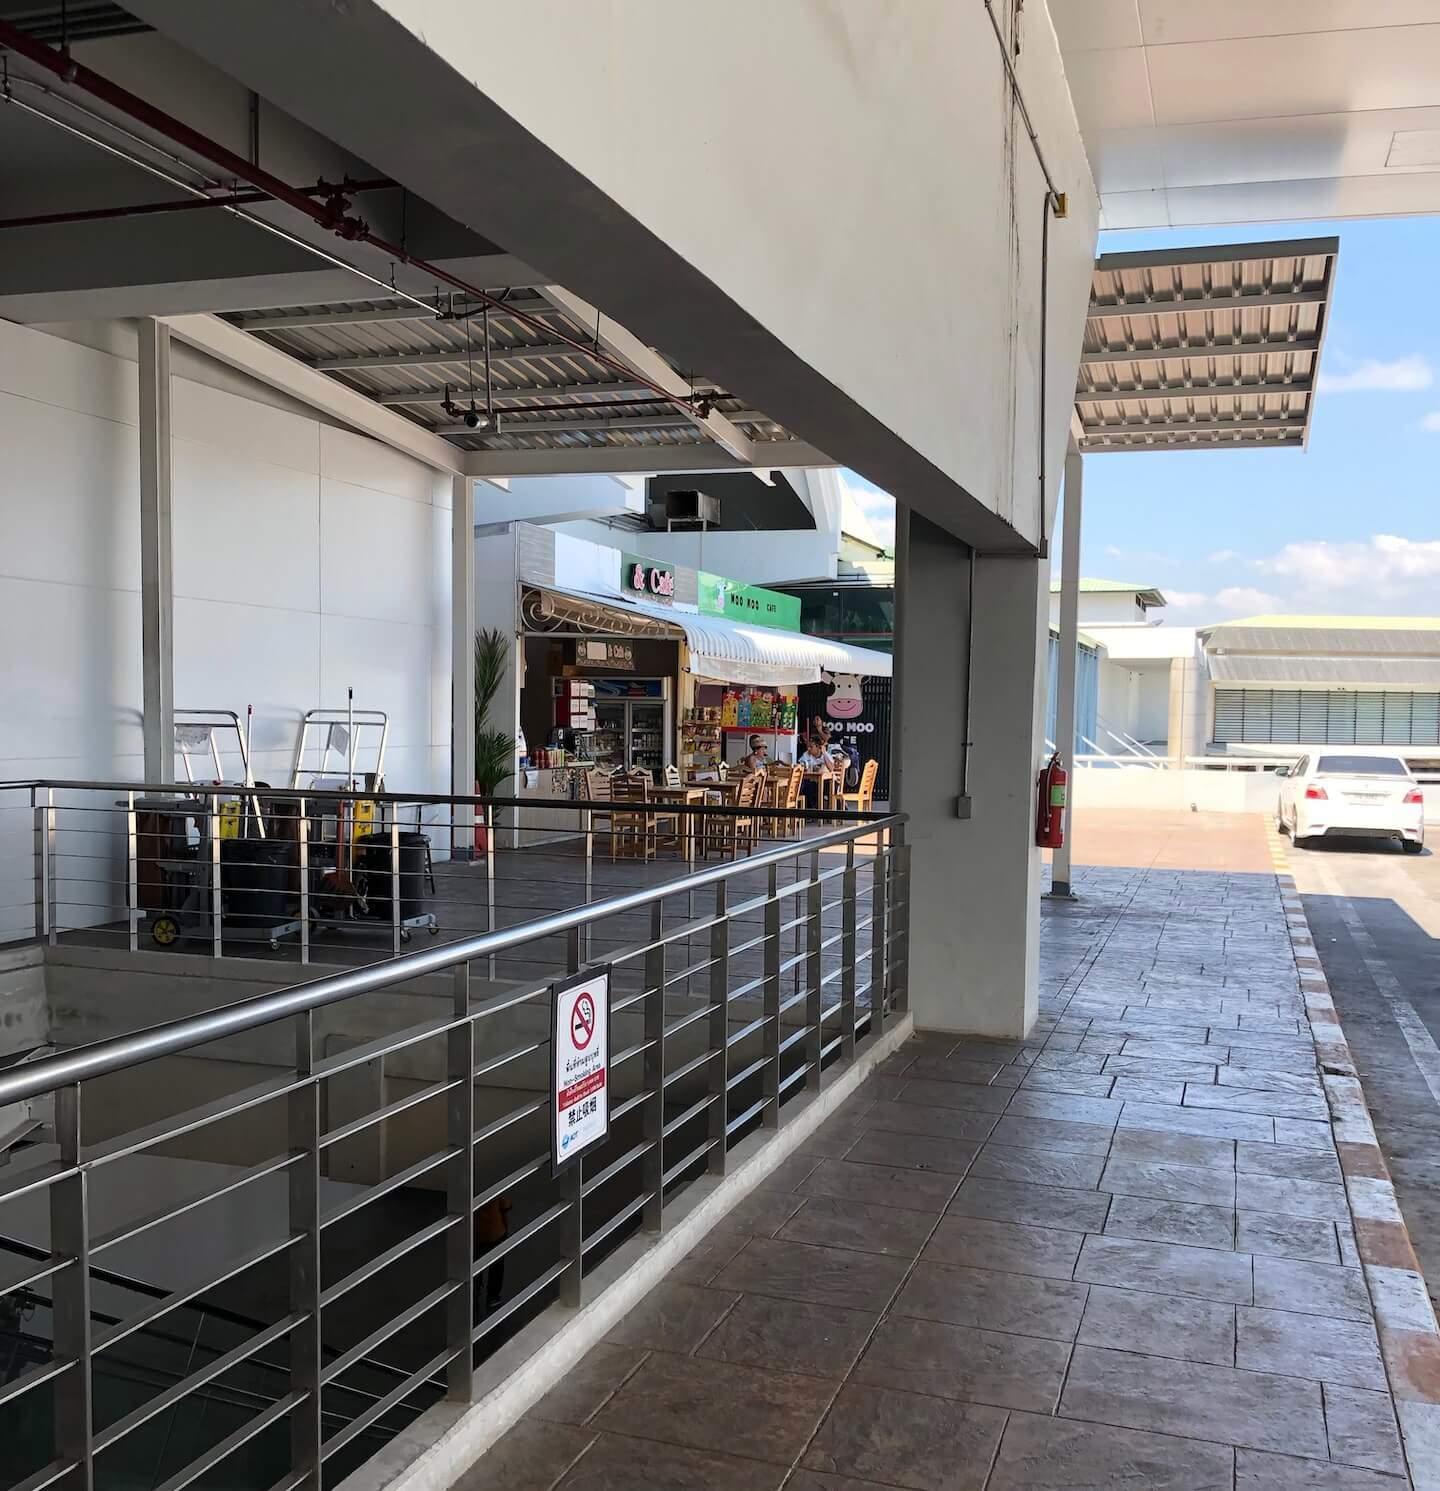 Raucherbereich Flughafen Phuket 2019